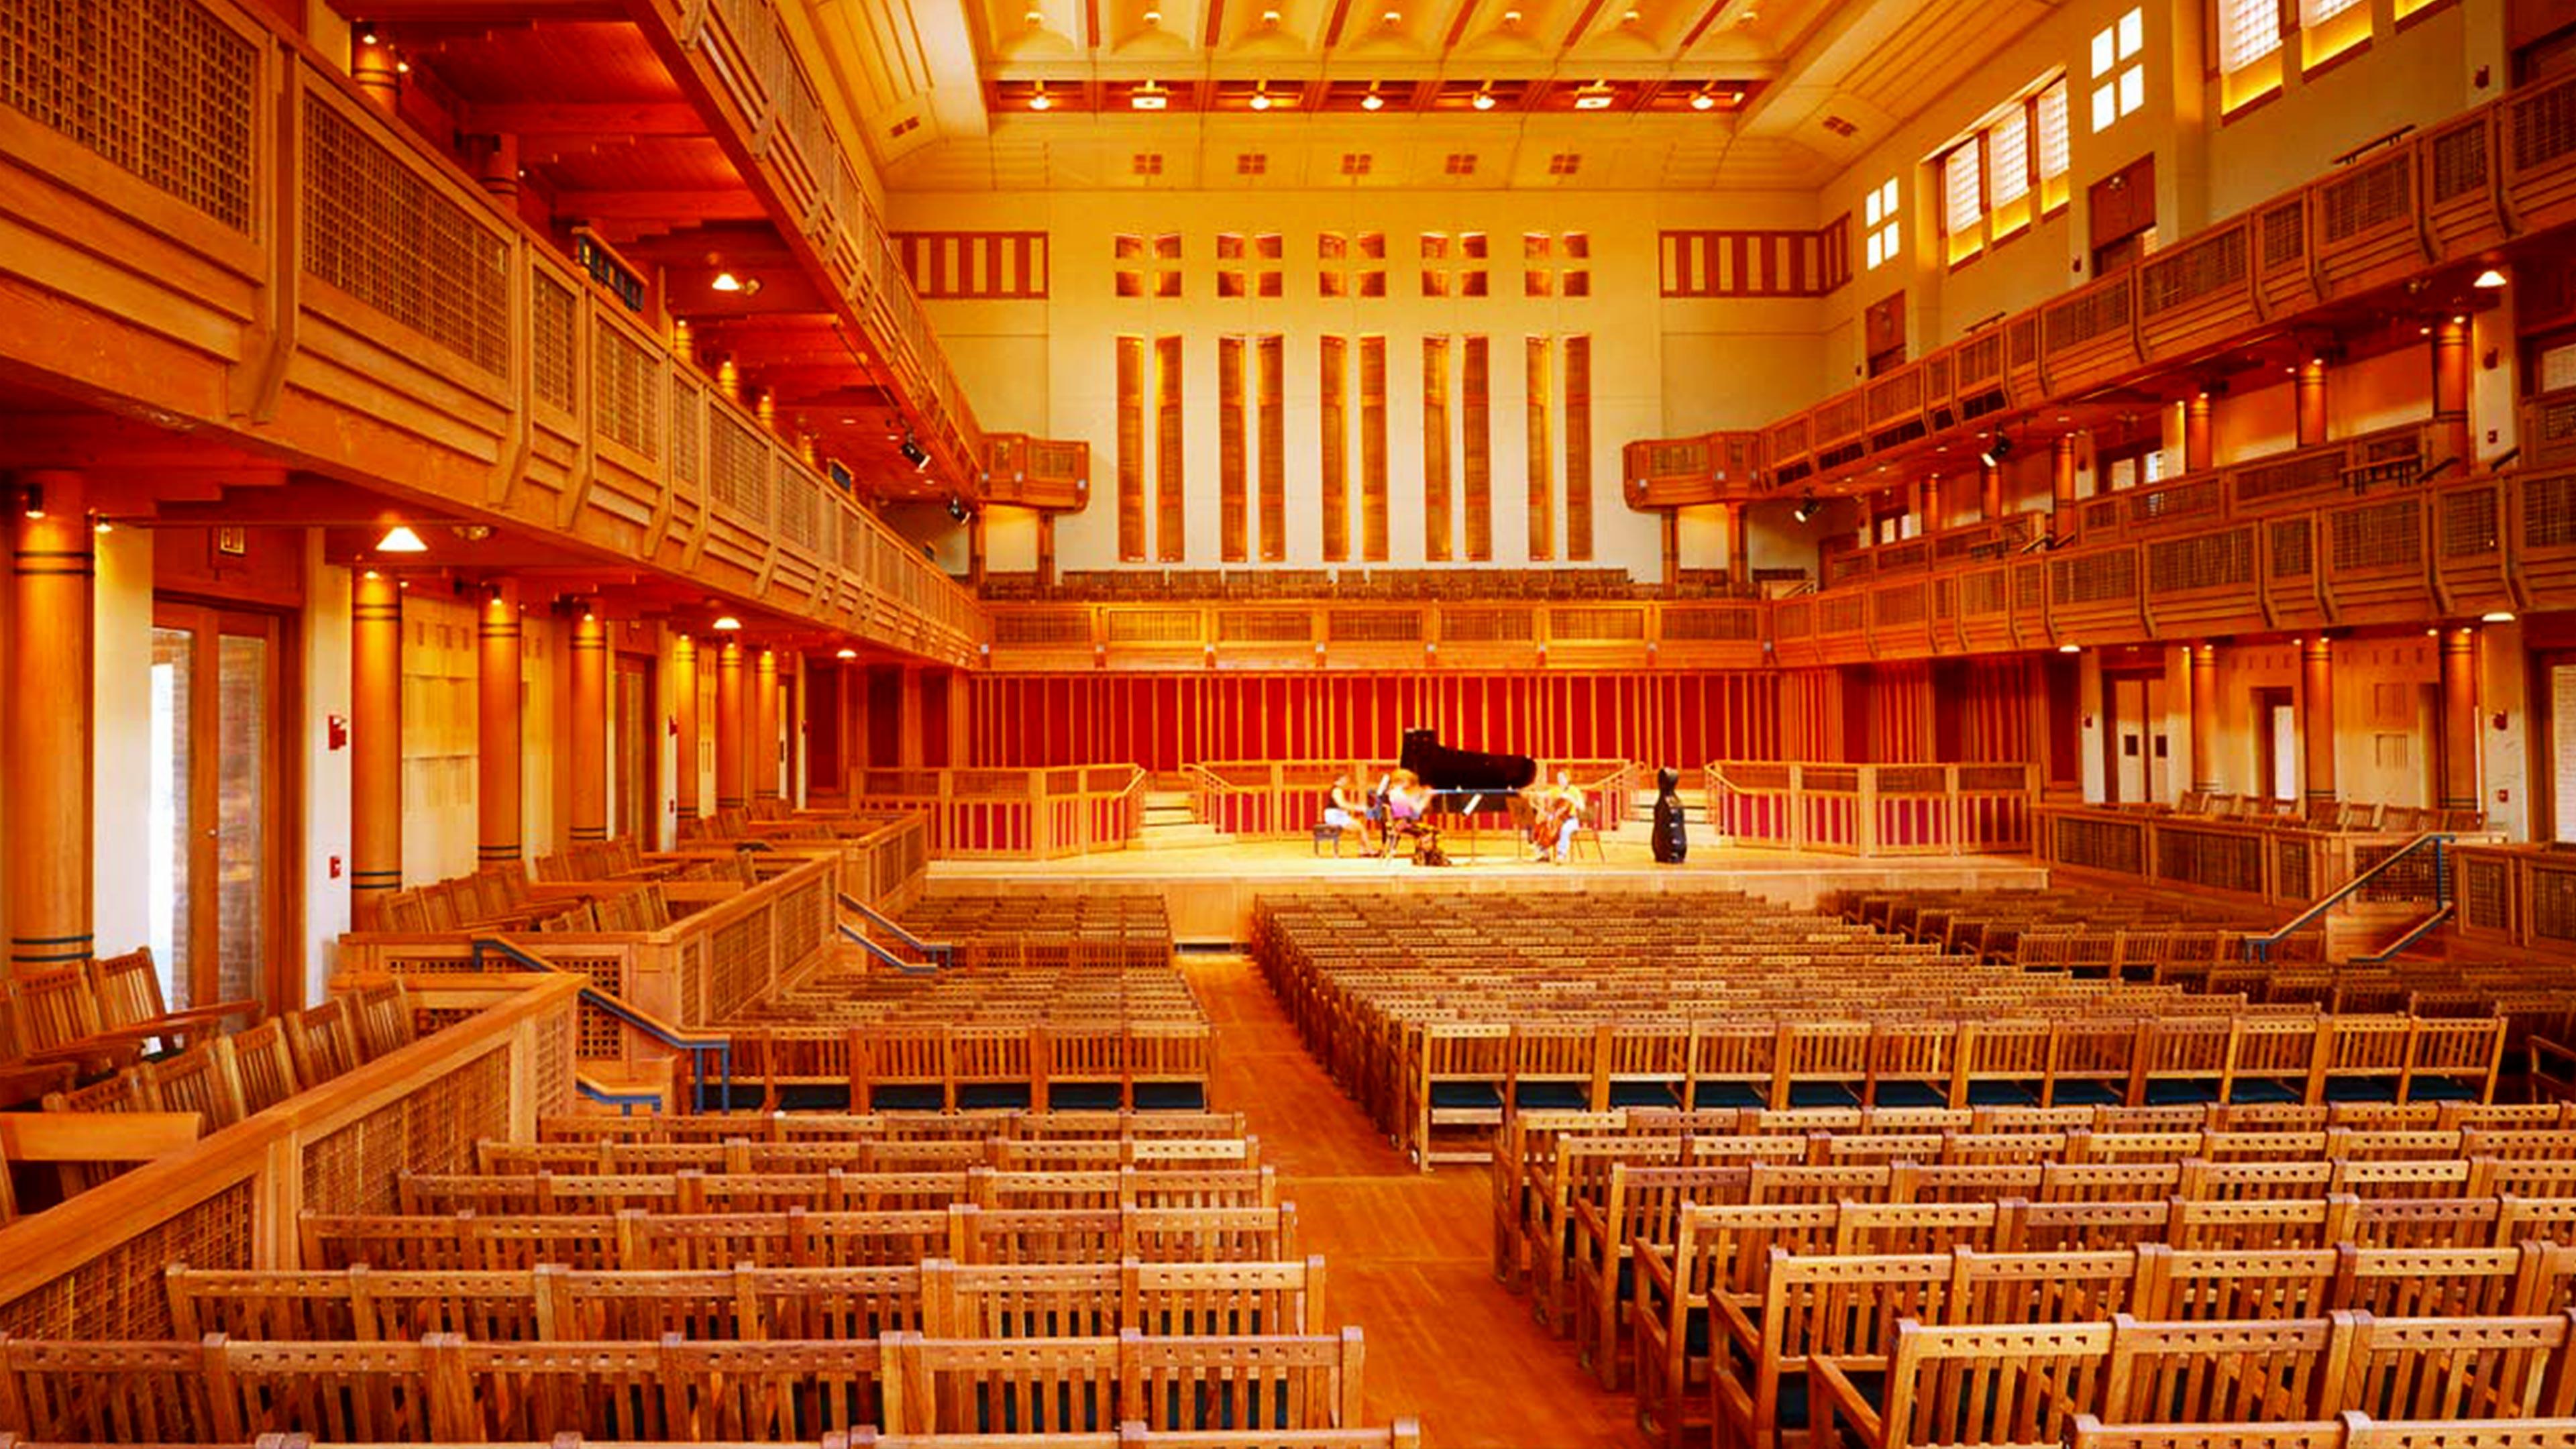 Seiji Ozawa Hall At Tanglewood Lemessurier